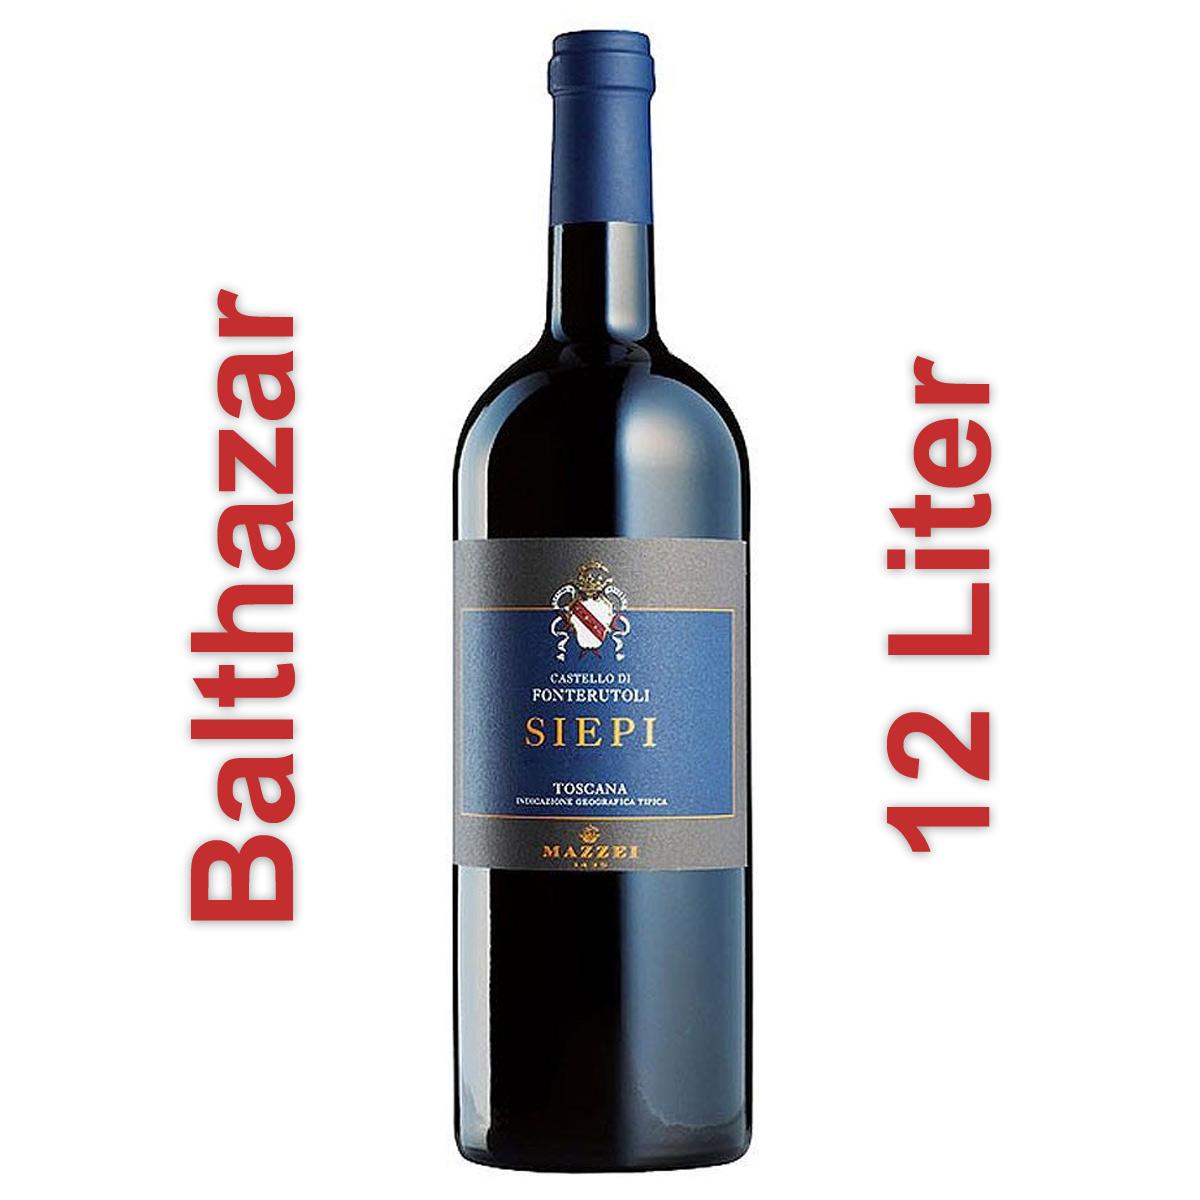 Mazzei Siepi 2015 Balthazar (12 Liter)